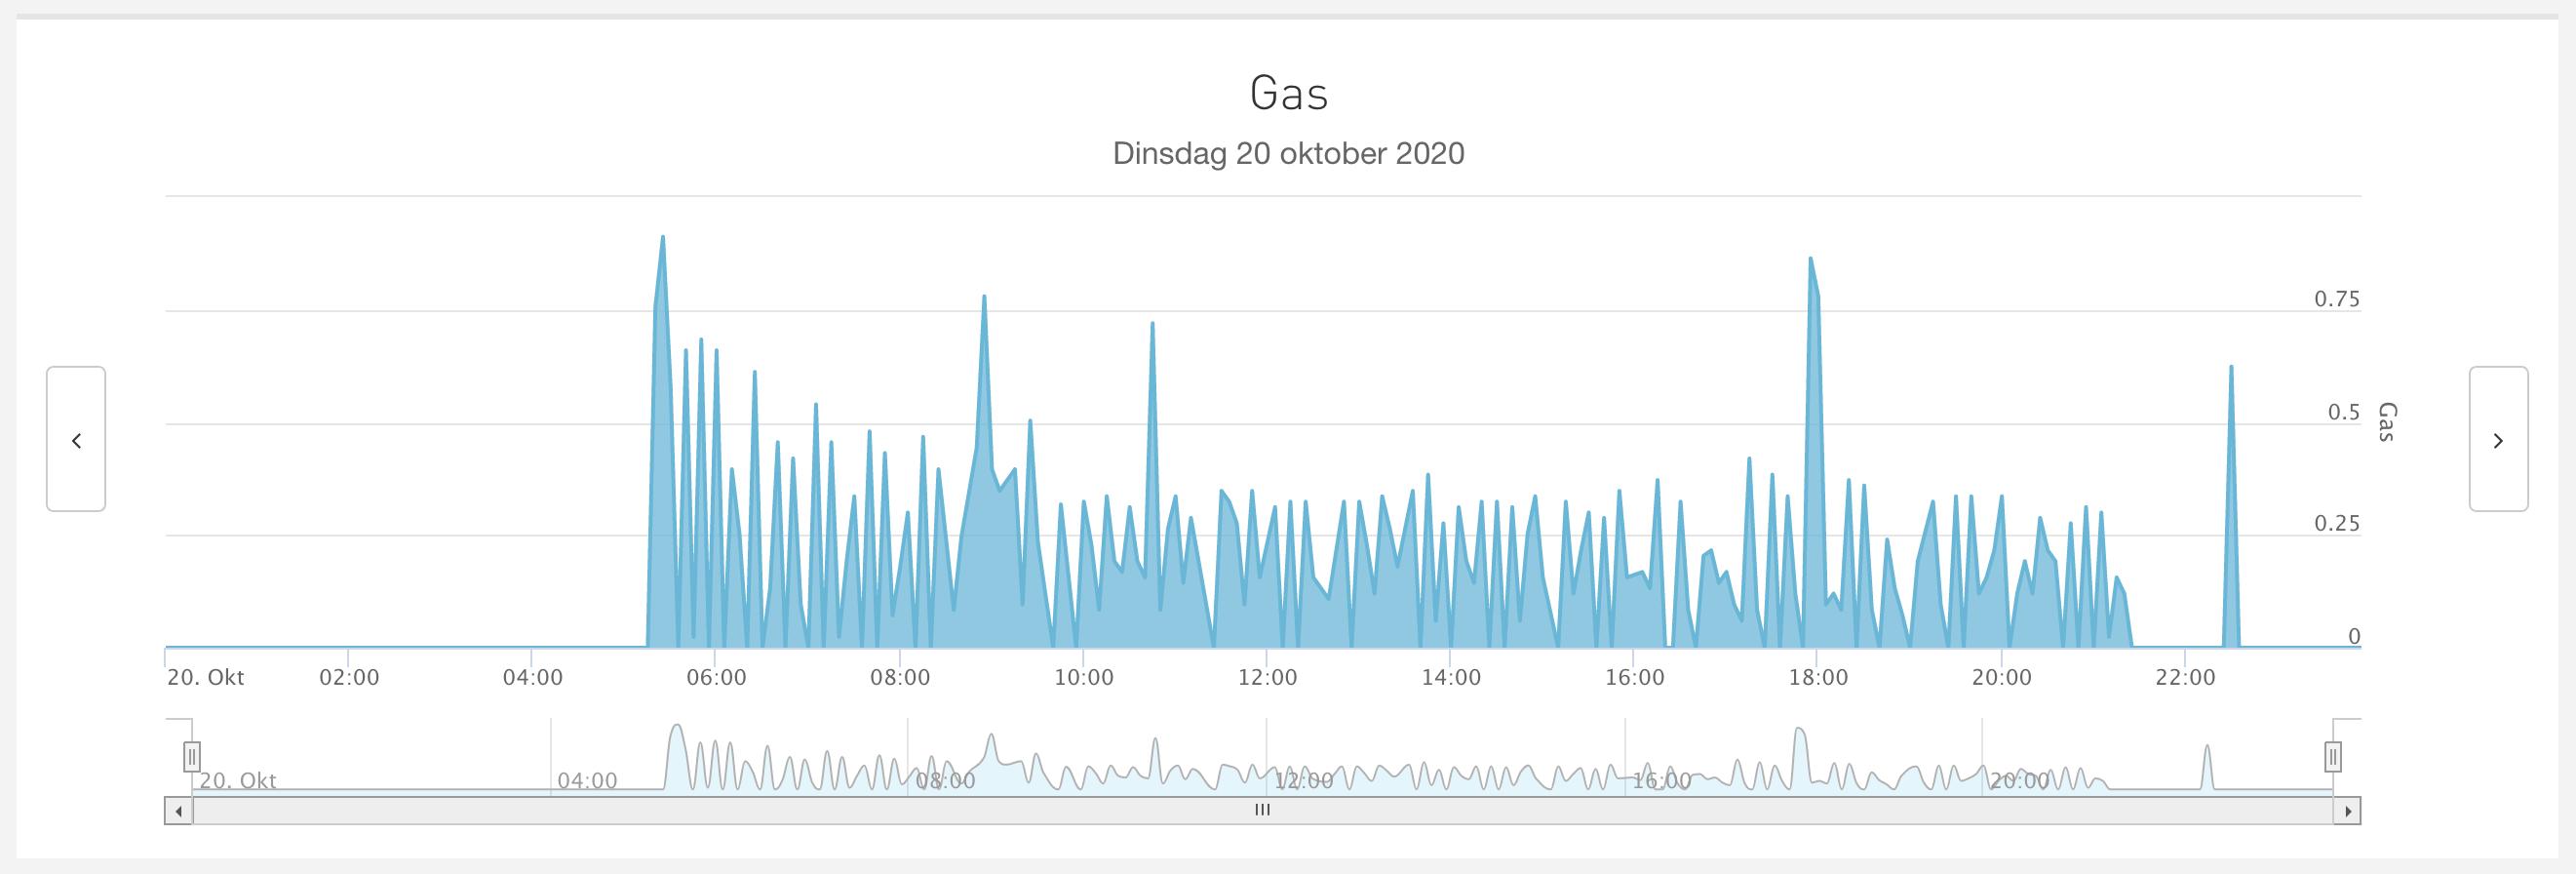 gas verbruik 20 oktober 2020